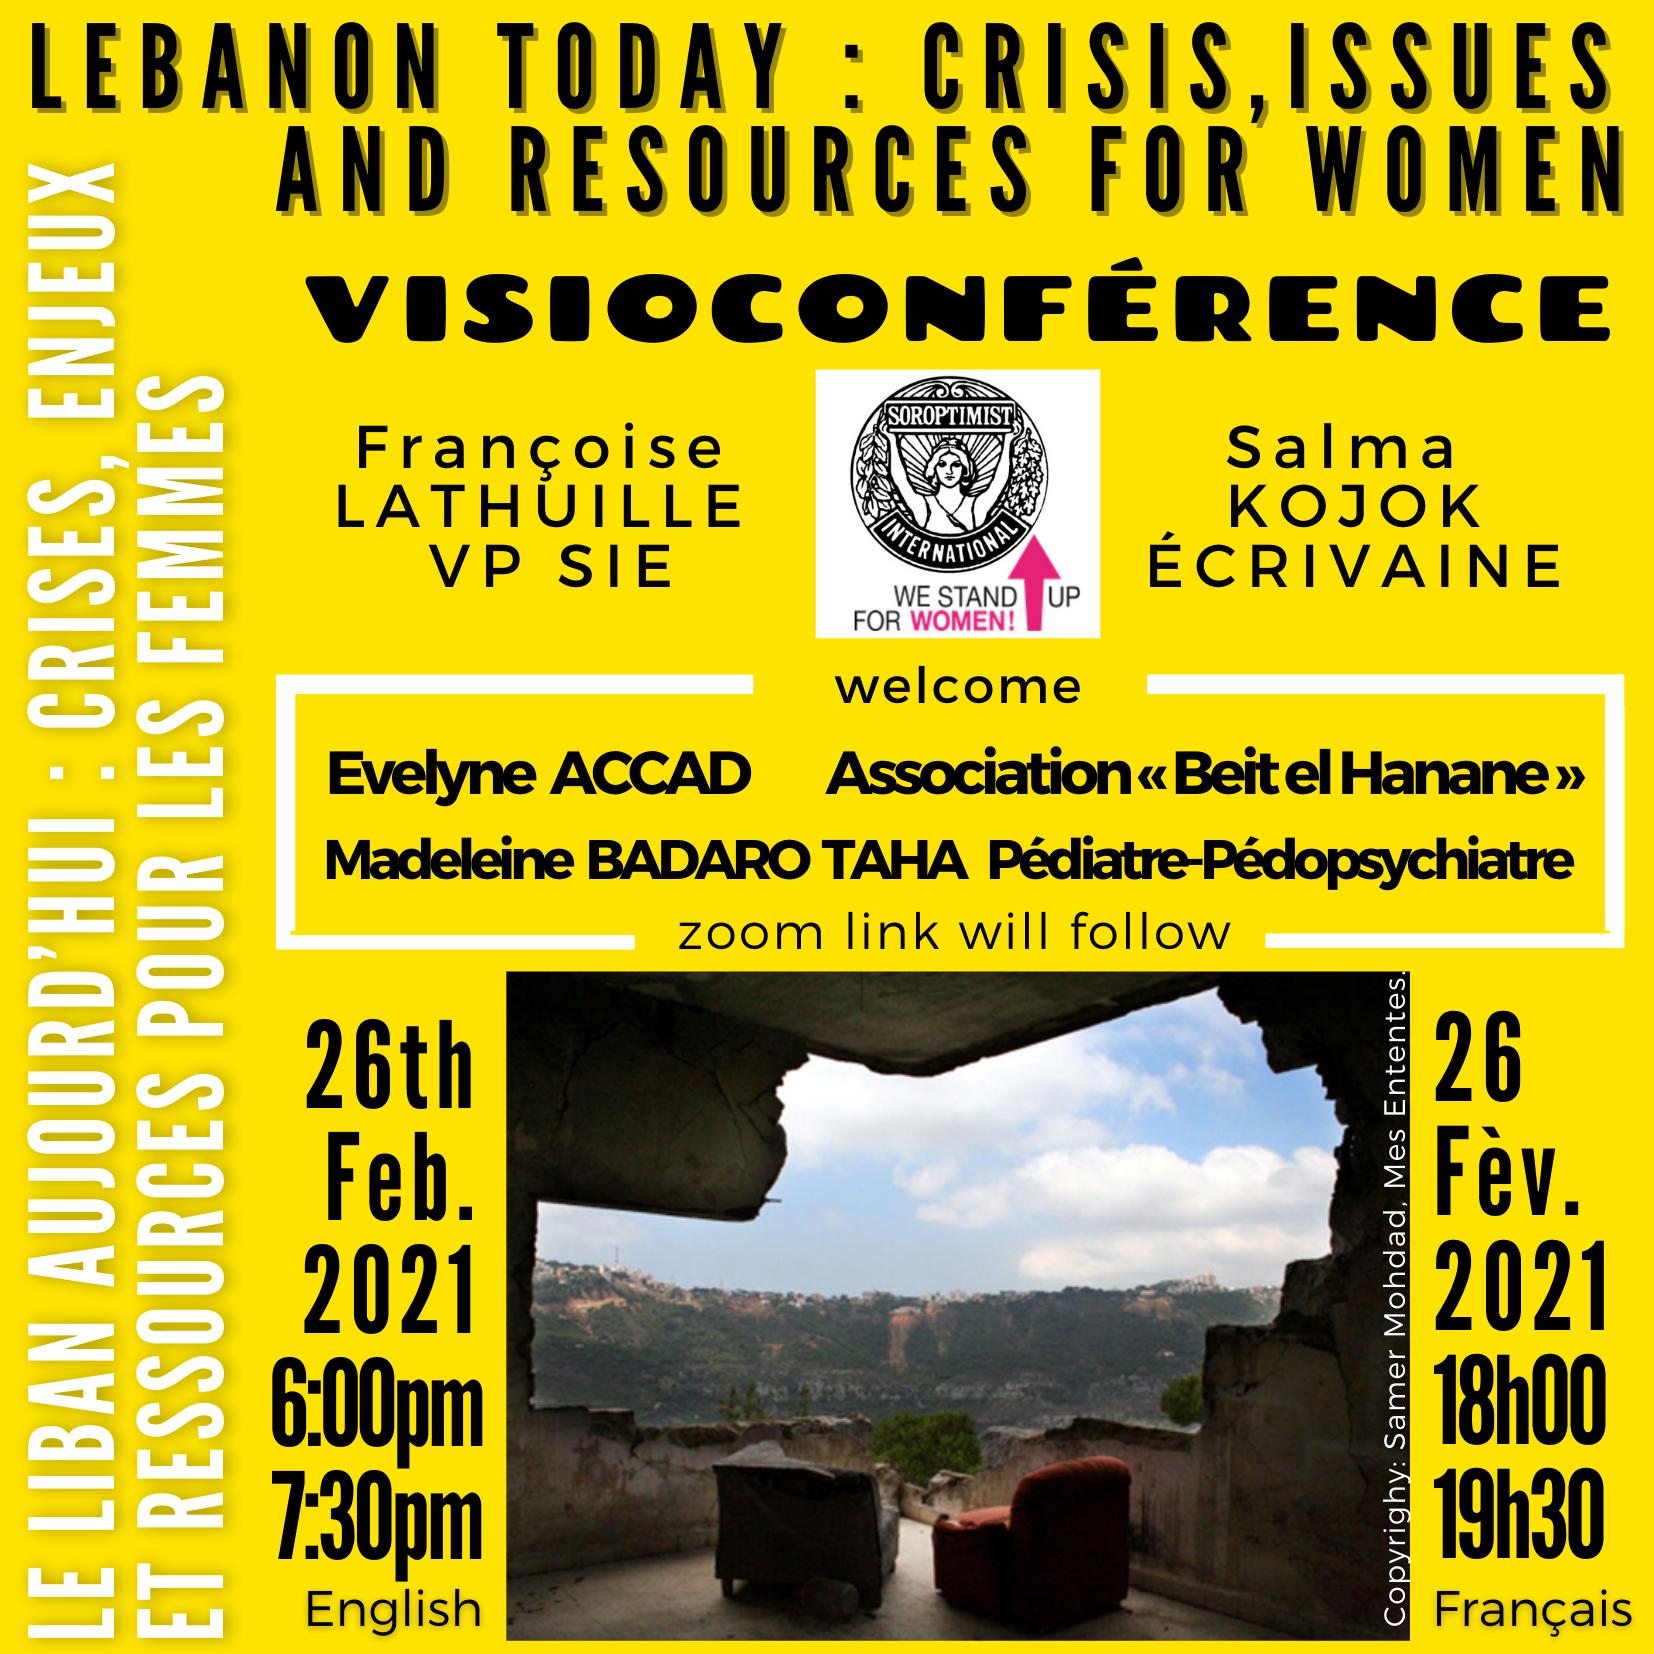 Visio conférence sur le LIBAN